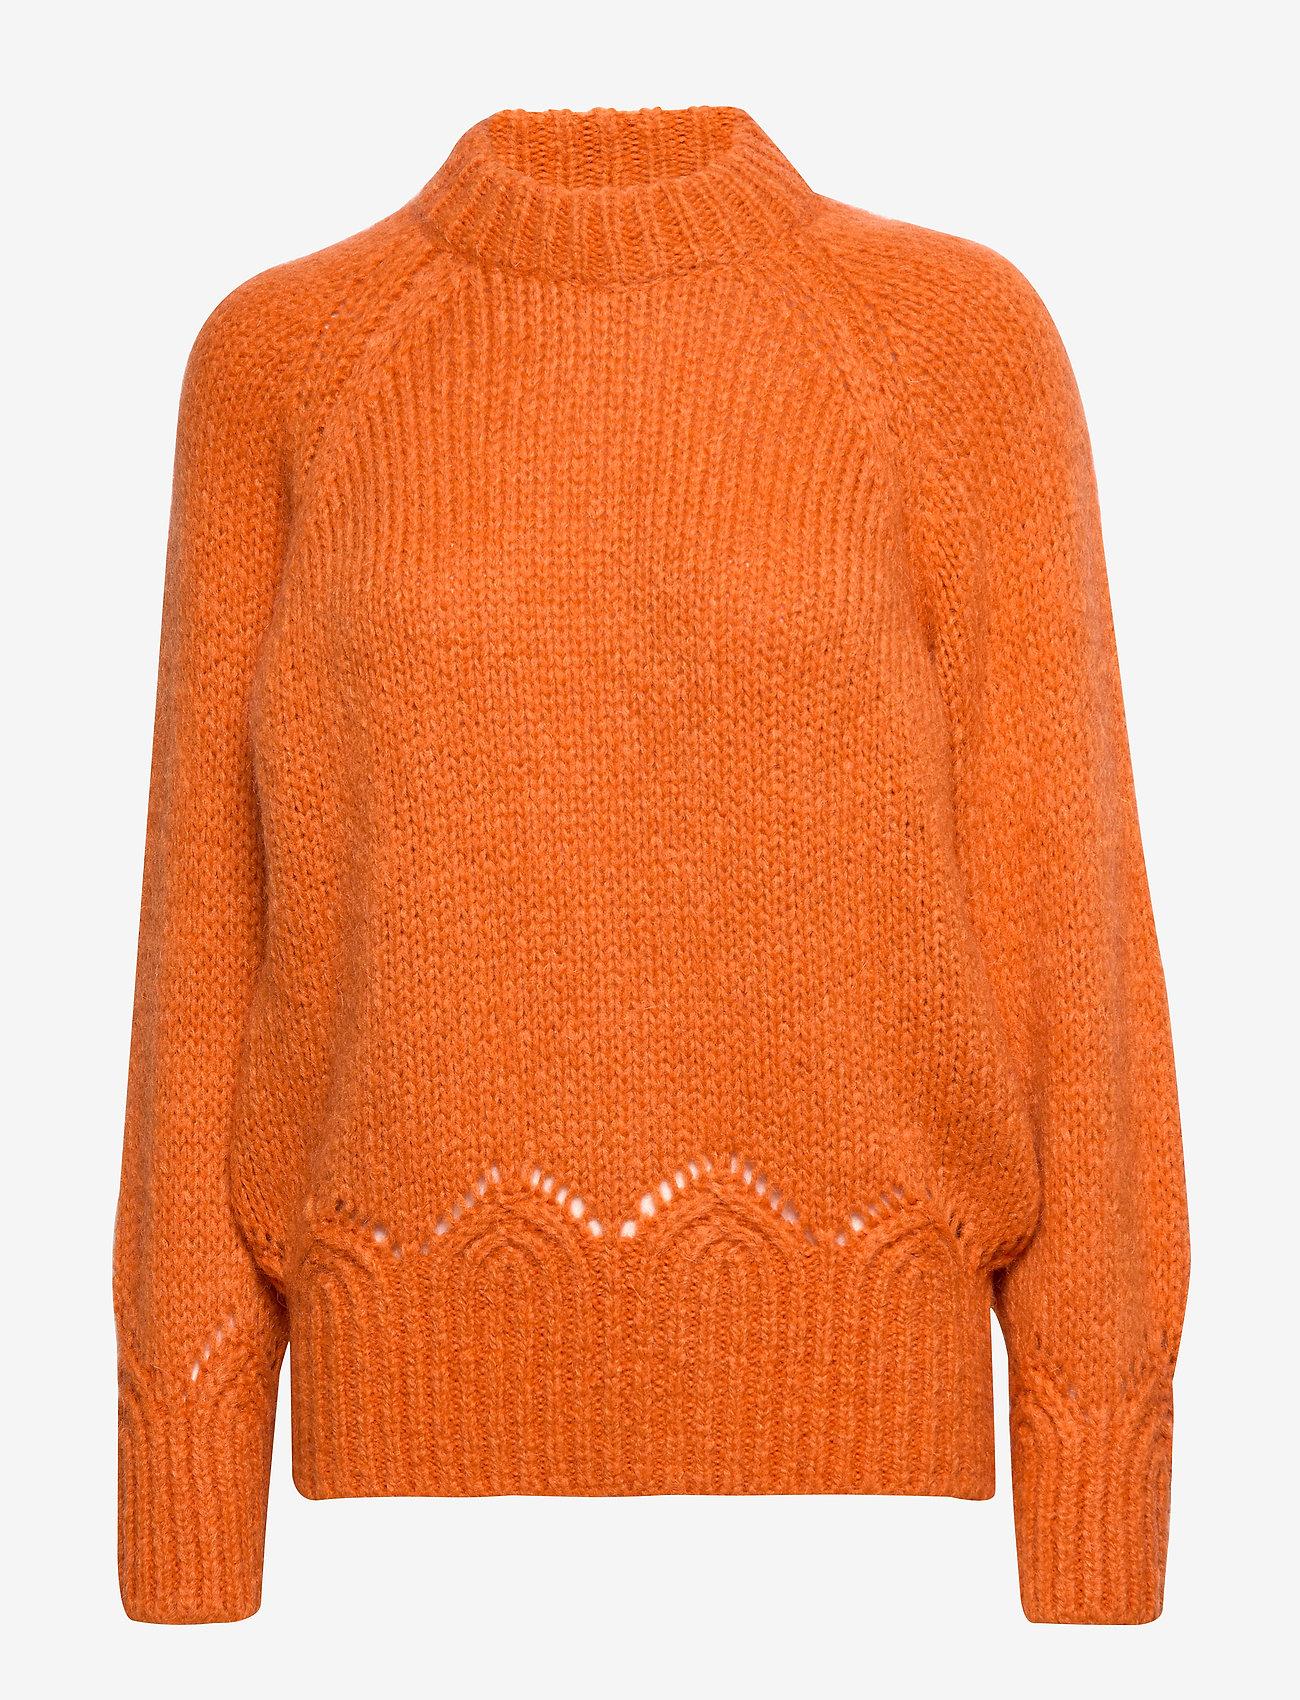 ODD MOLLY Novelty Sweater - Dzianina SUNSET ORANGE - Kobiety Odzież.